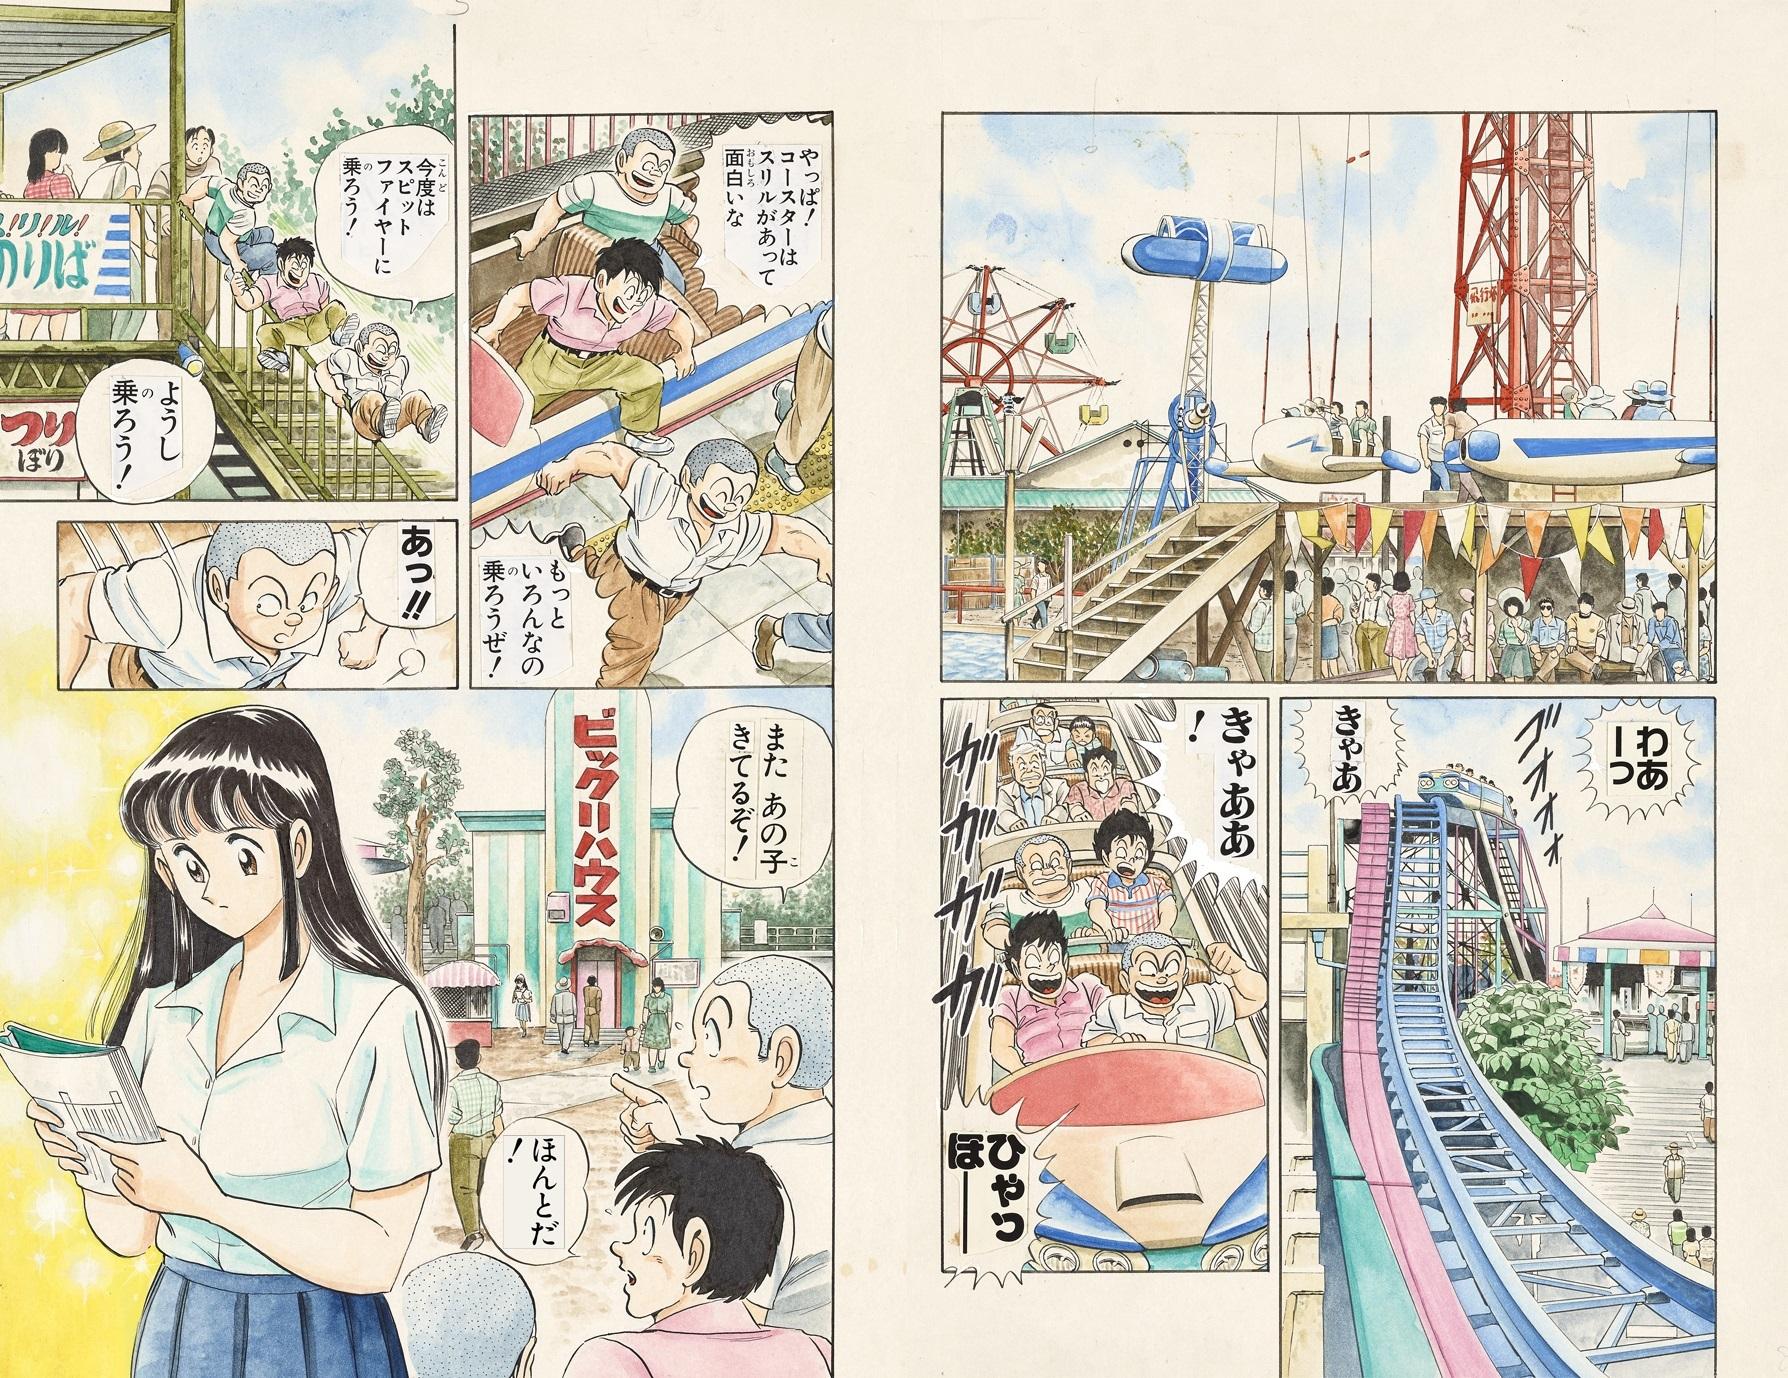 ジャンプコミックス76巻「浅草七ツ星物語の巻」原画(4月14日~4月30日展示)